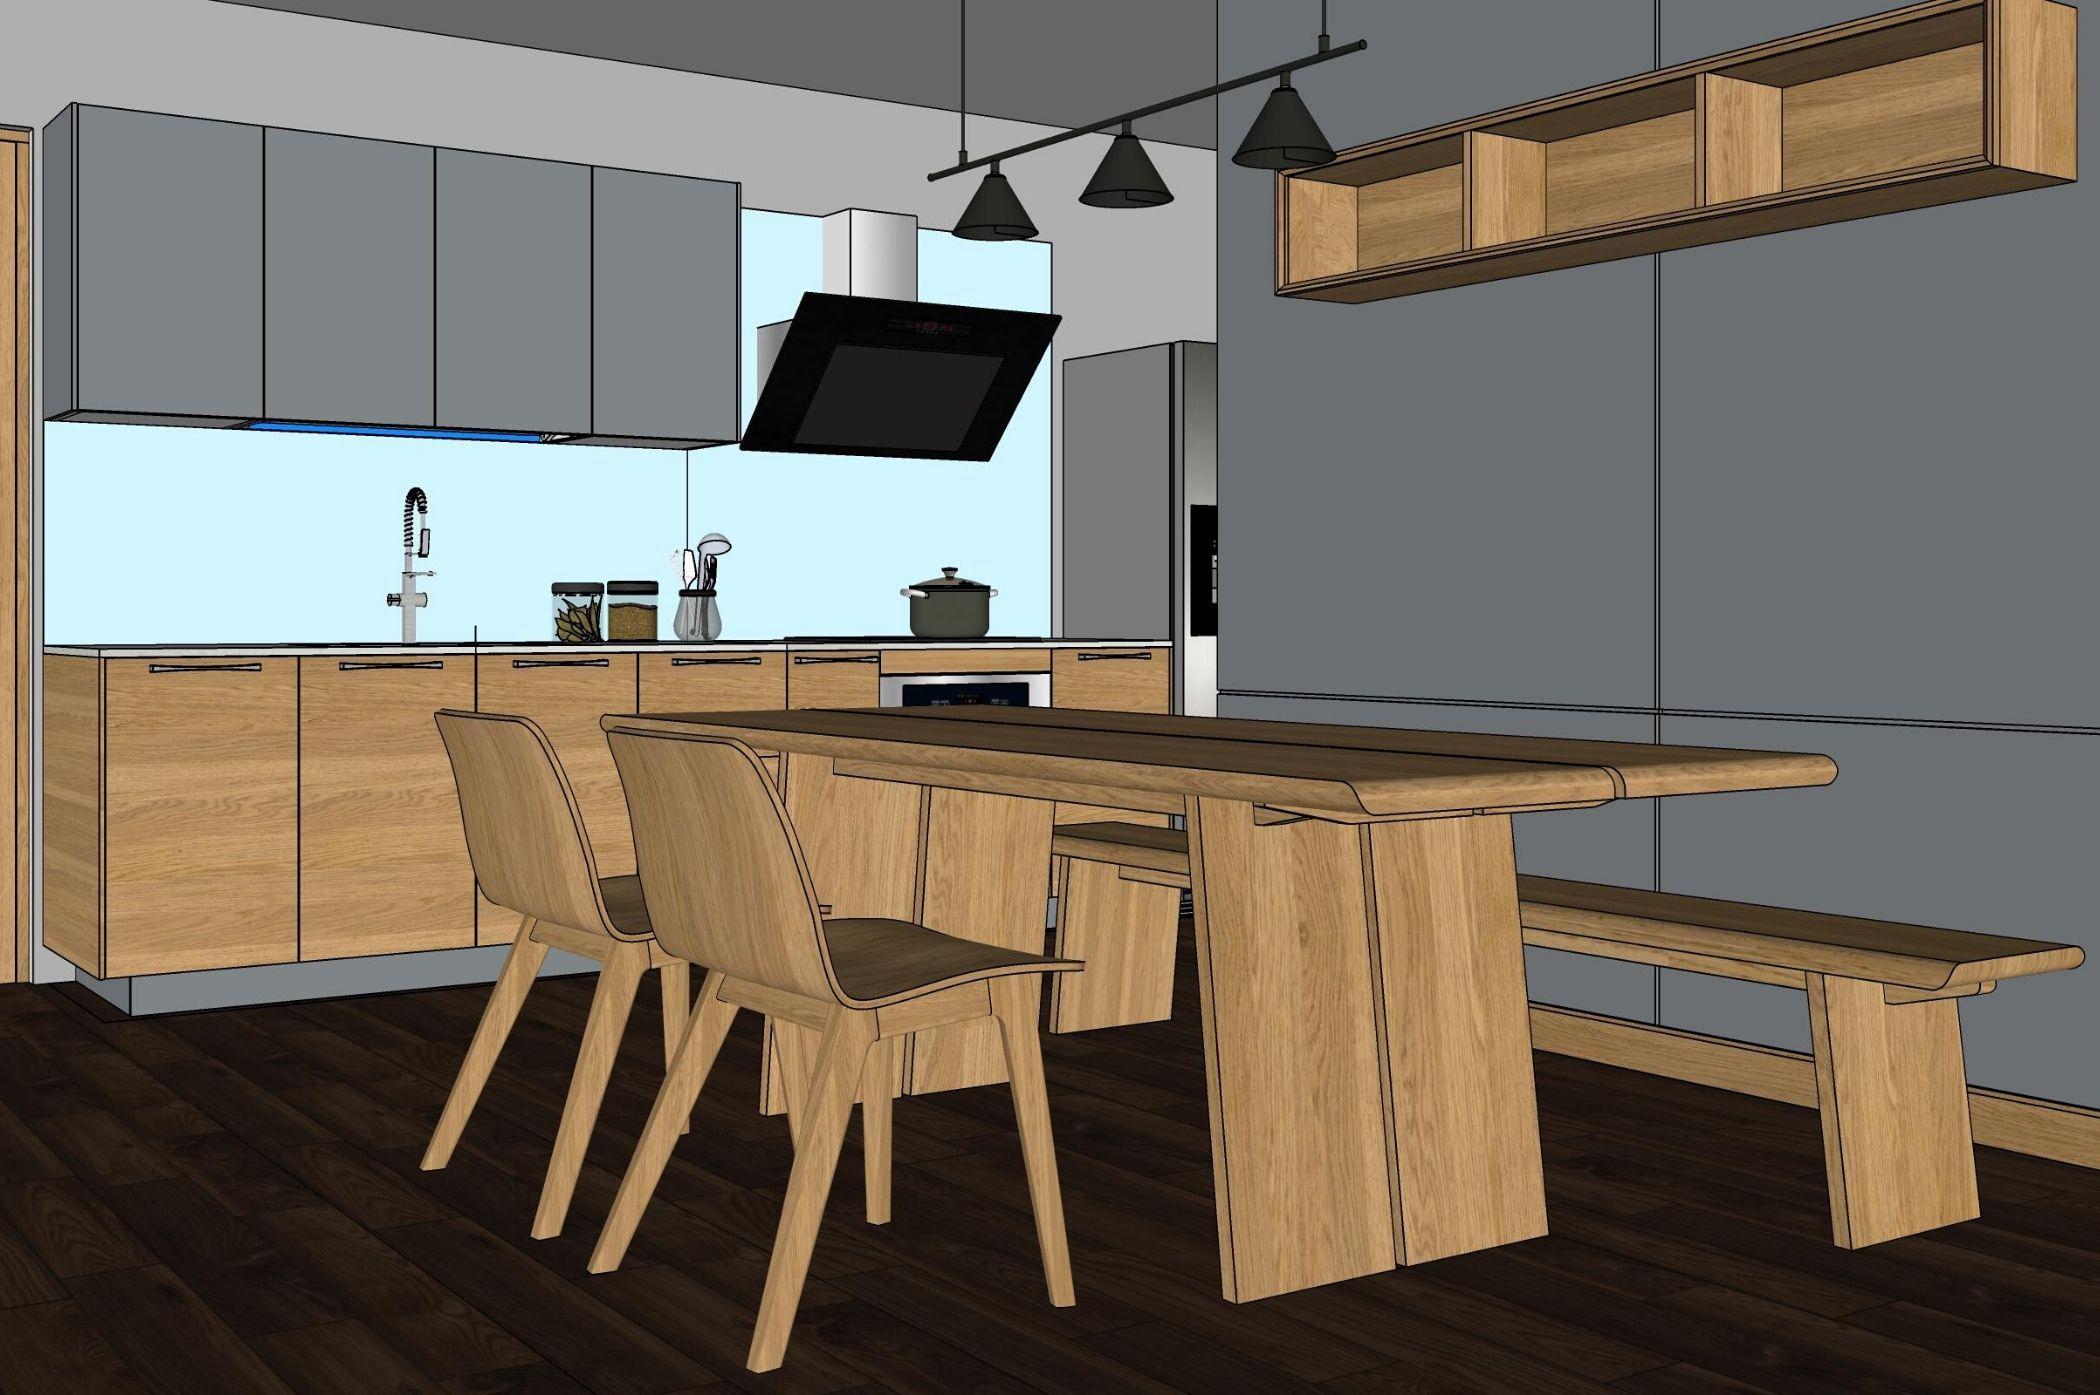 Tìm hiểu về phần mềm thiết kế nội thất CAD Pro Furniture Design Software